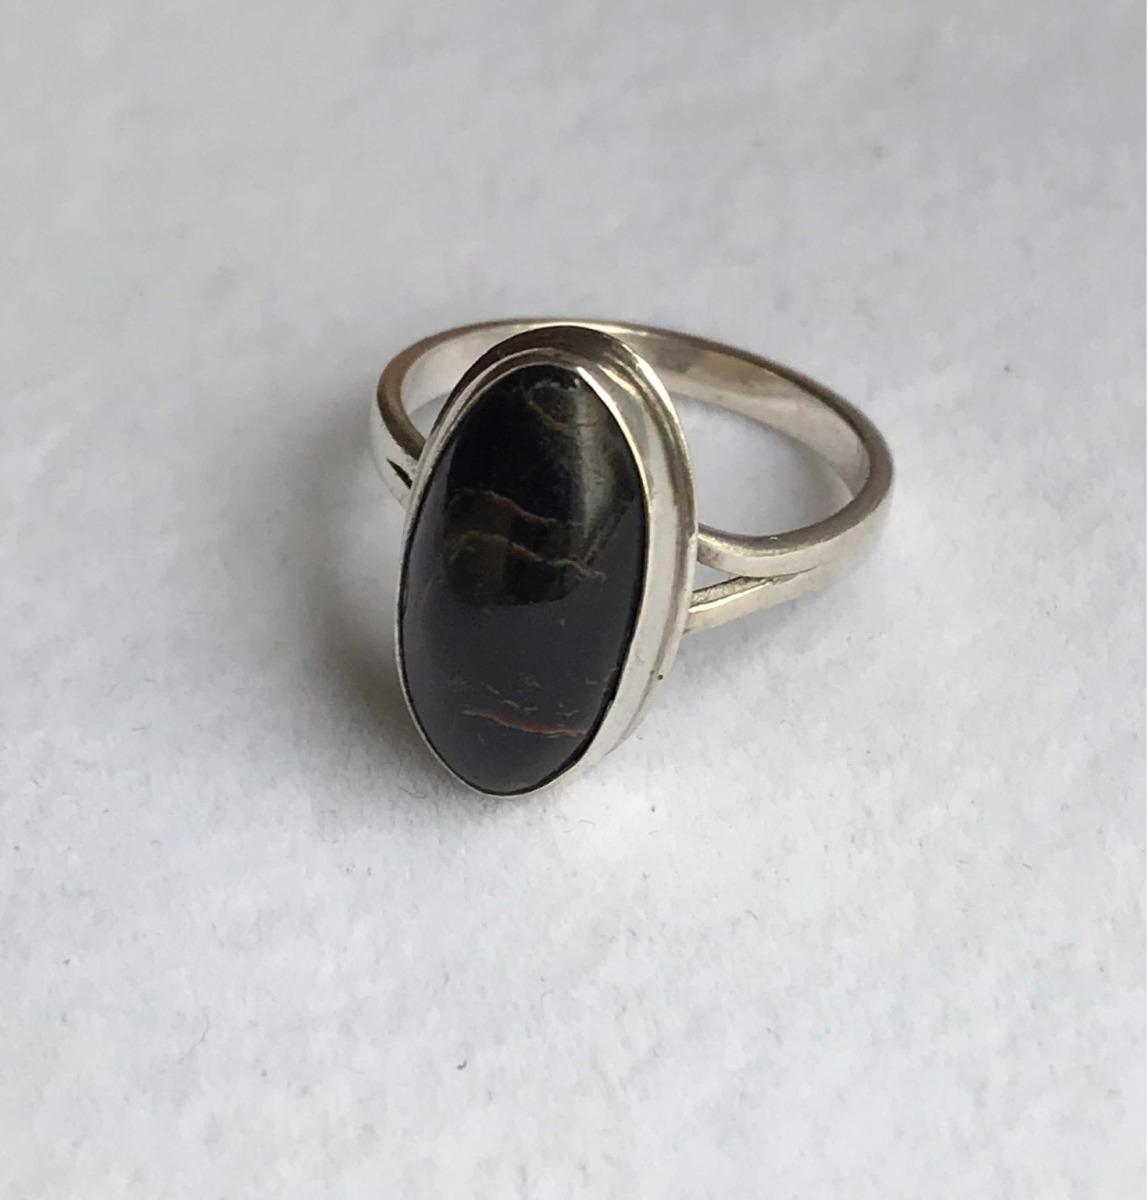 código promocional 9c5d4 1797b Anillo En Plata Con Obsidiana Negra - $ 580,00